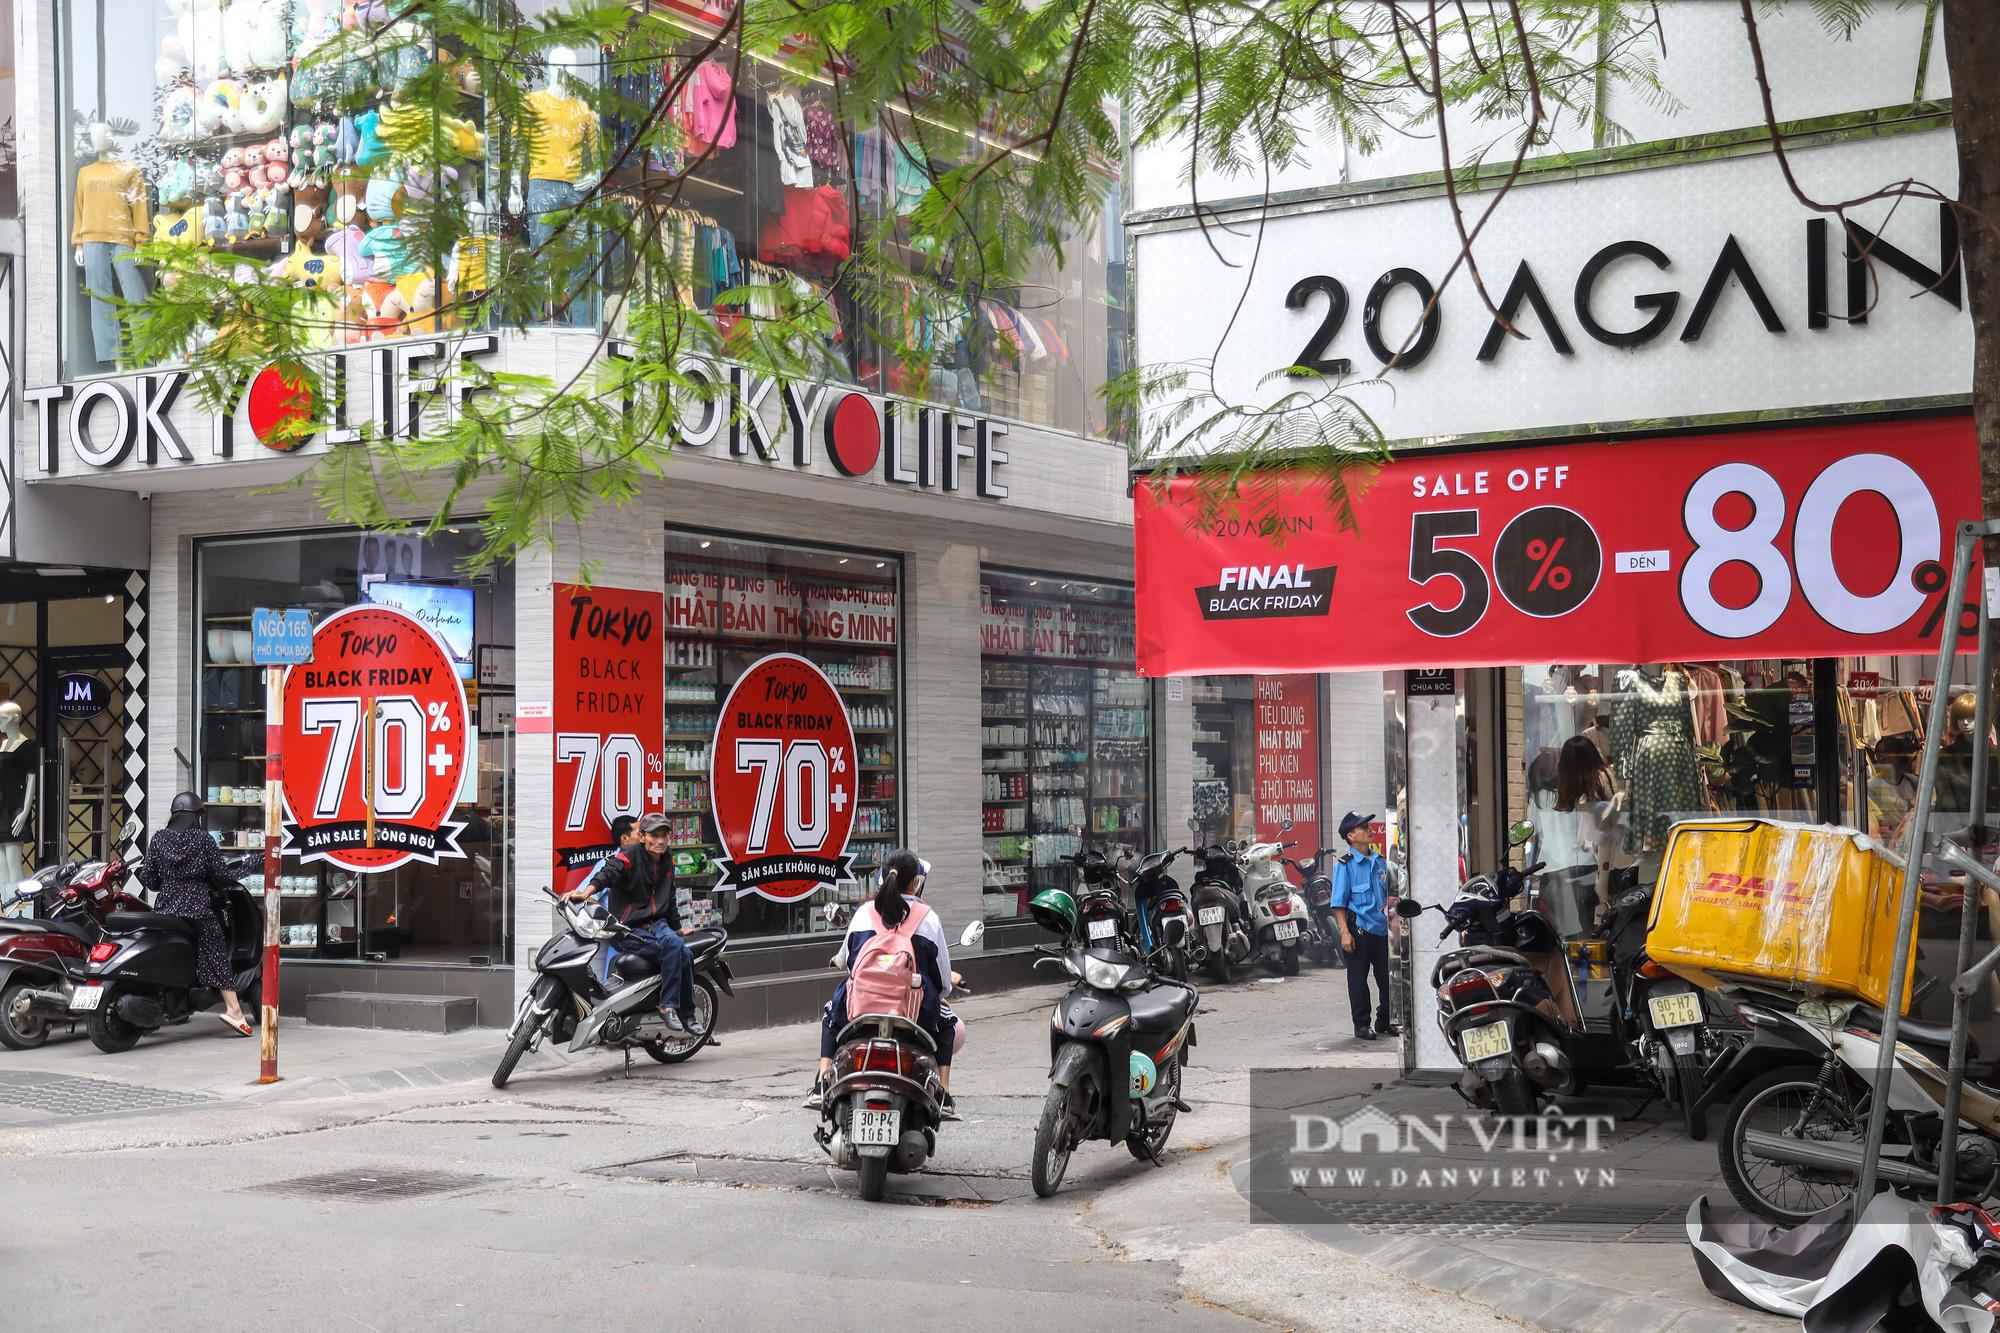 Phố thời trang Hà Nội rợp biển giảm giá 80% dù chưa đến Black Friday - Ảnh 13.